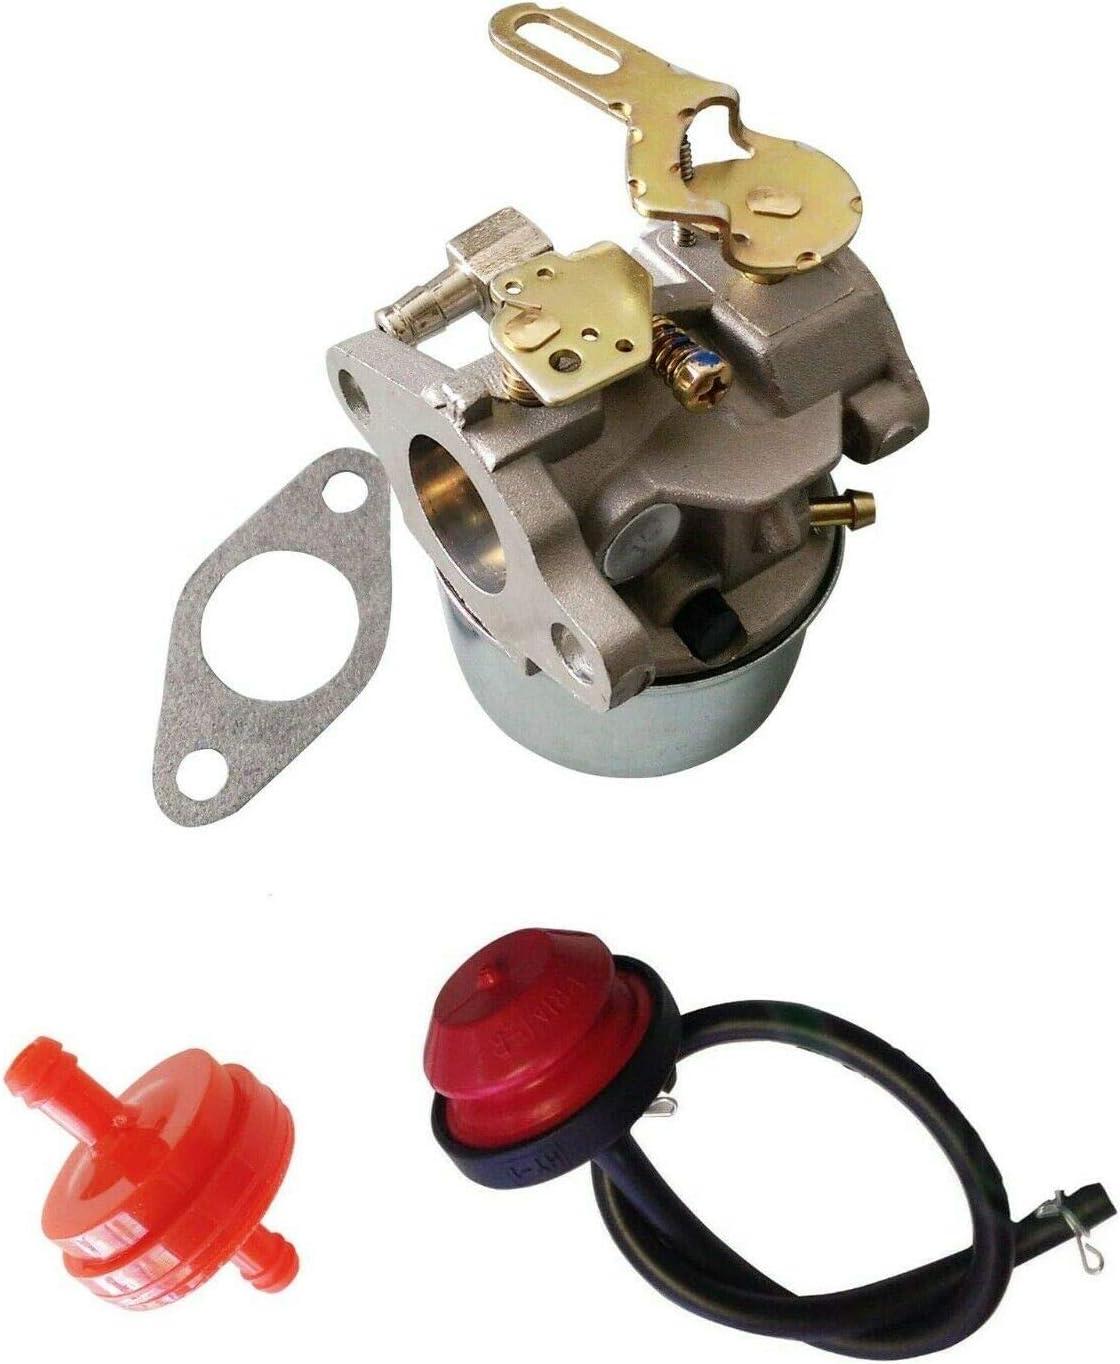 Everest Parts Supplies Beauty products Carburetor Primer Max 62% OFF Line Fil Bulb Fuel